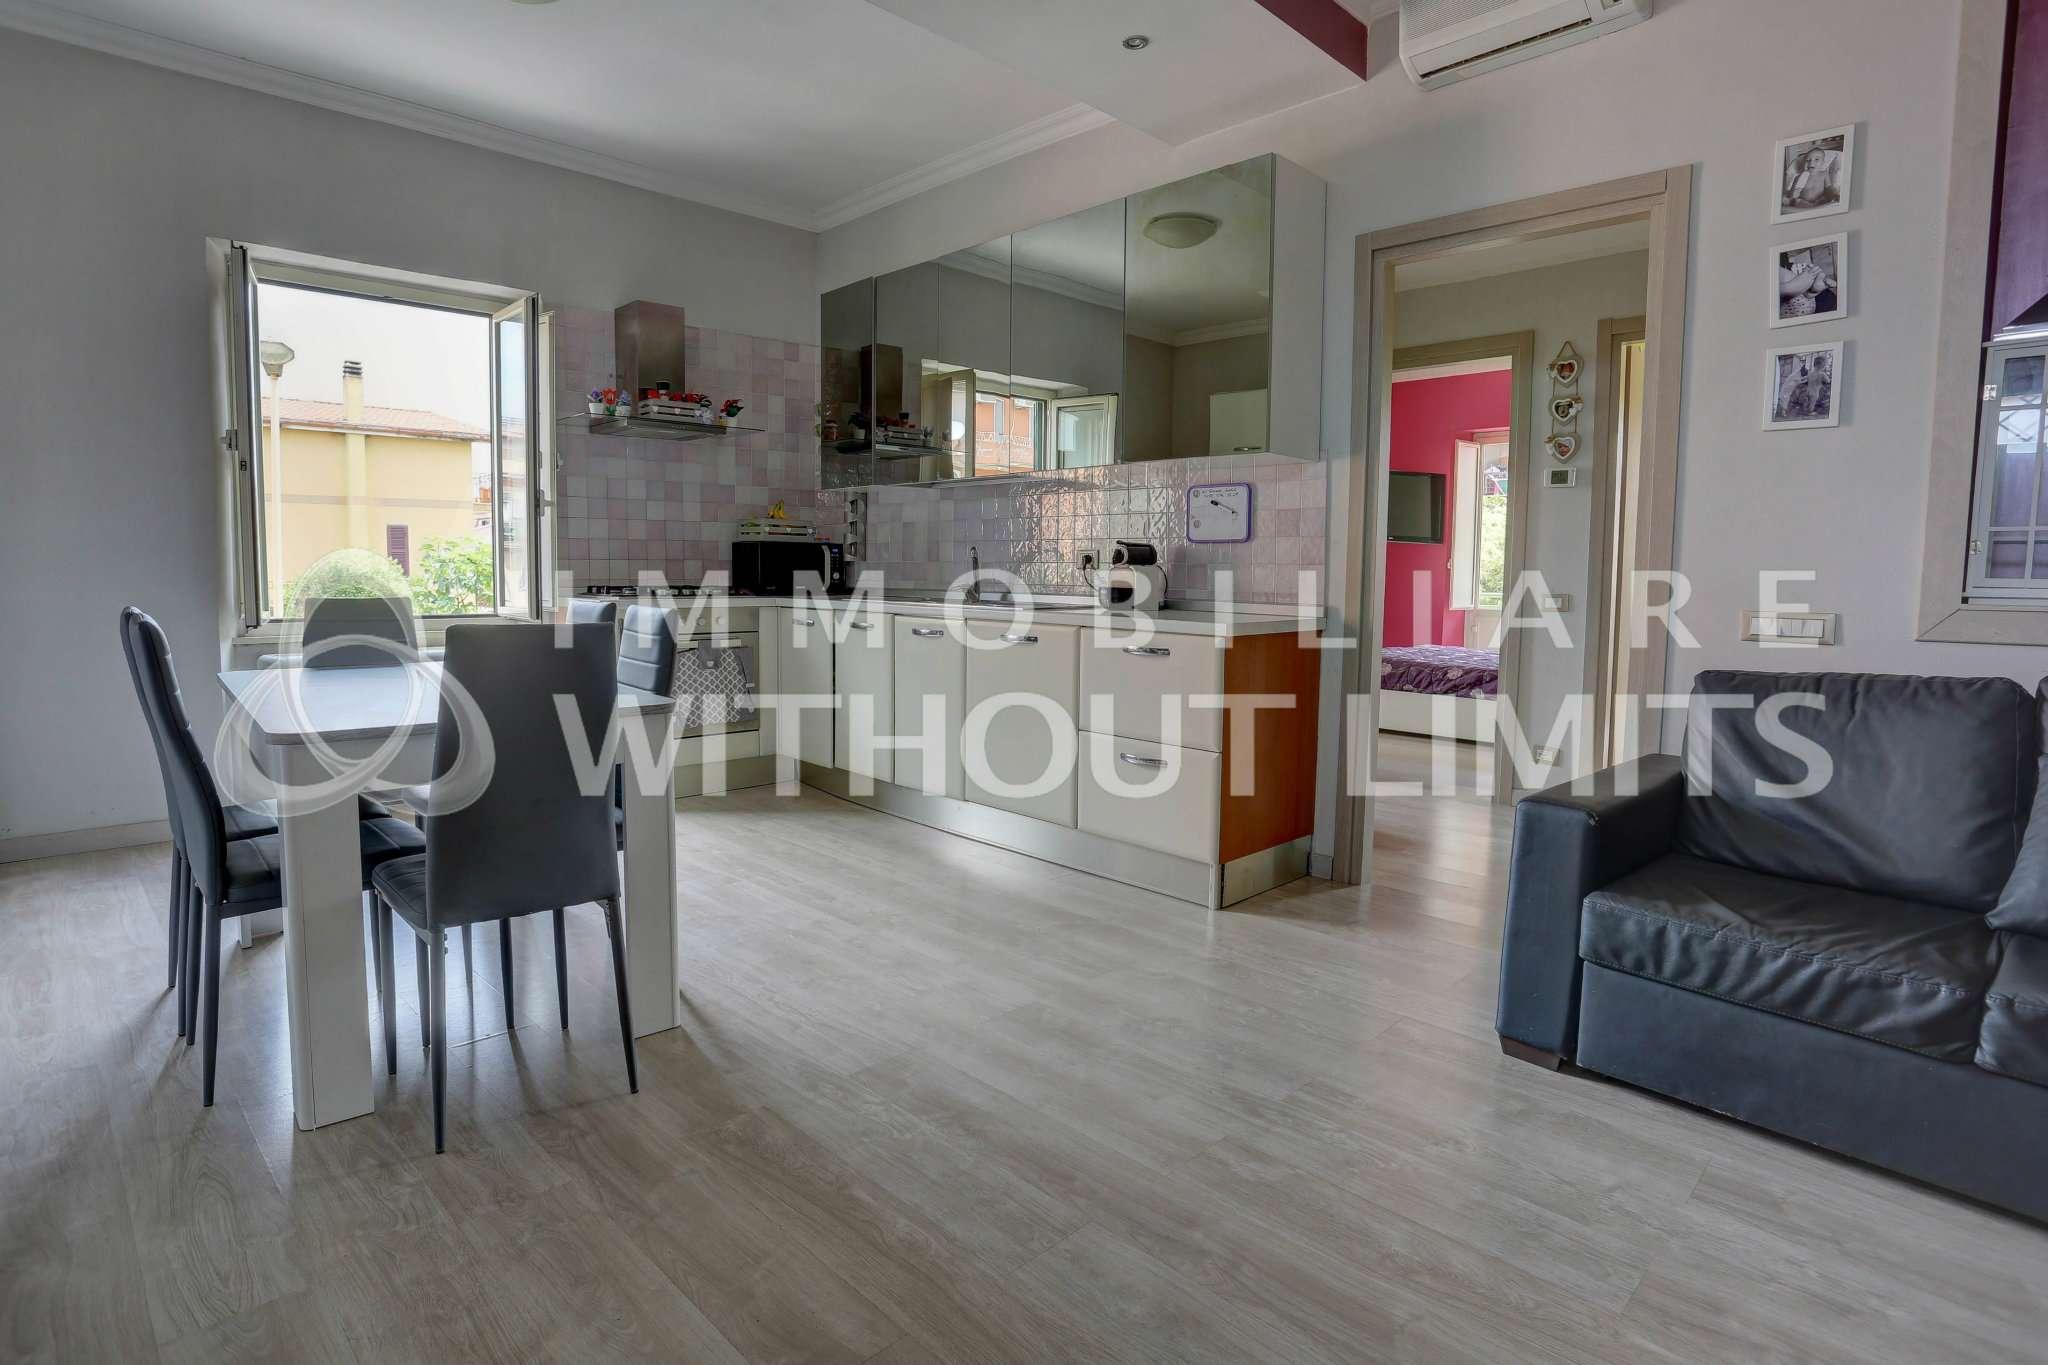 Appartamento in vendita a Ciampino, 4 locali, prezzo € 235.000 | PortaleAgenzieImmobiliari.it